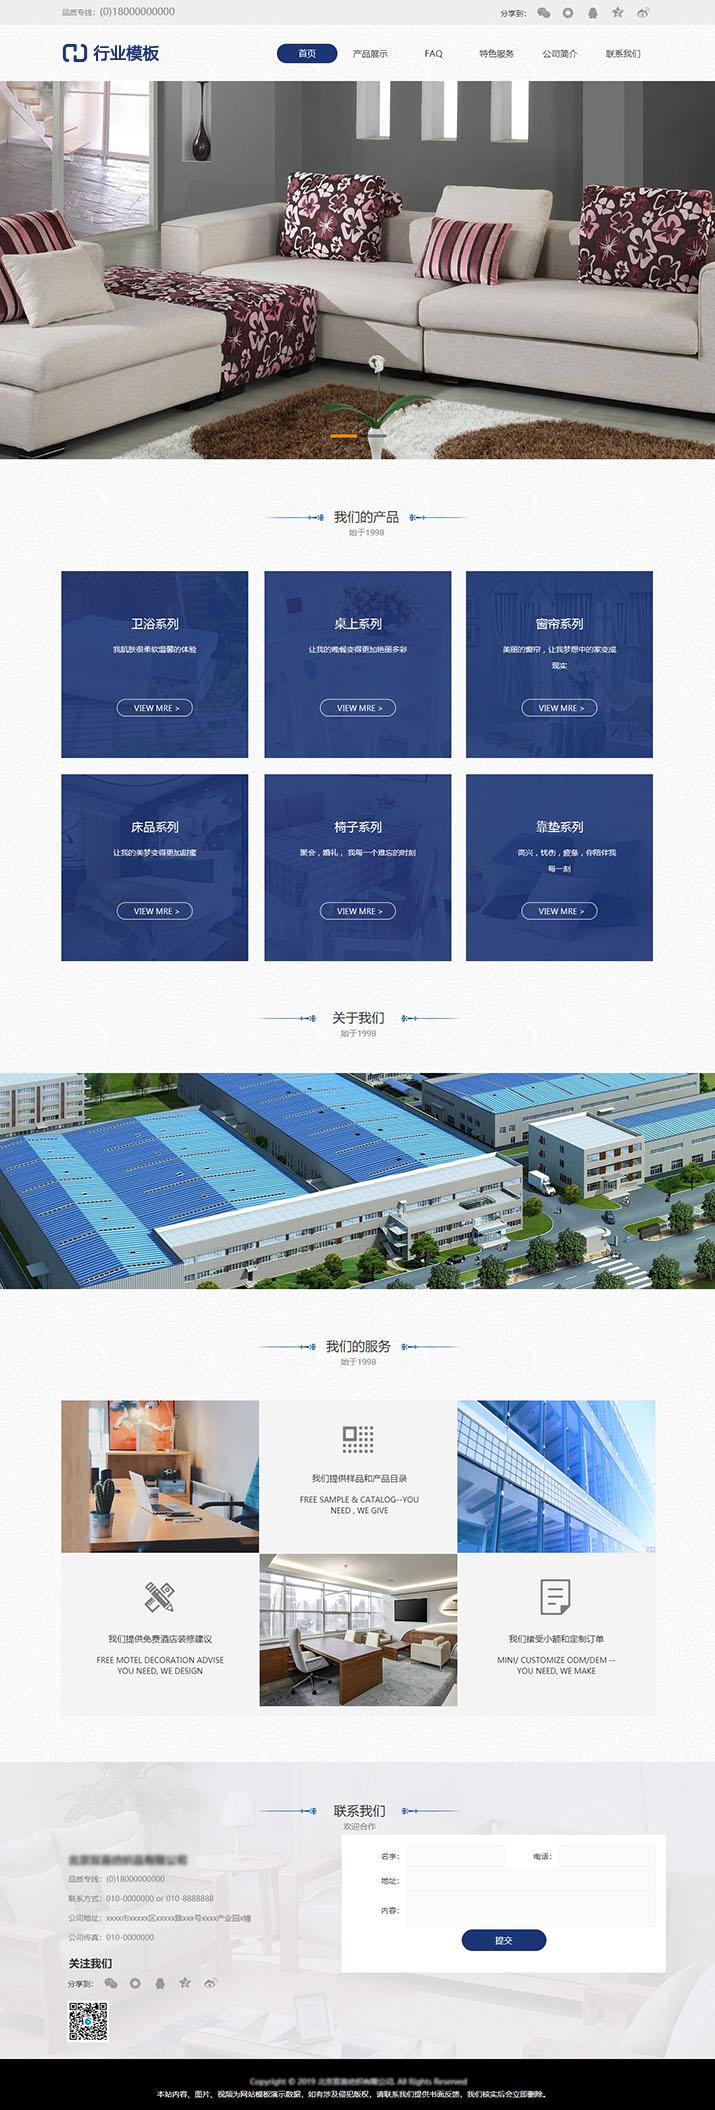 纺织产品网站模板